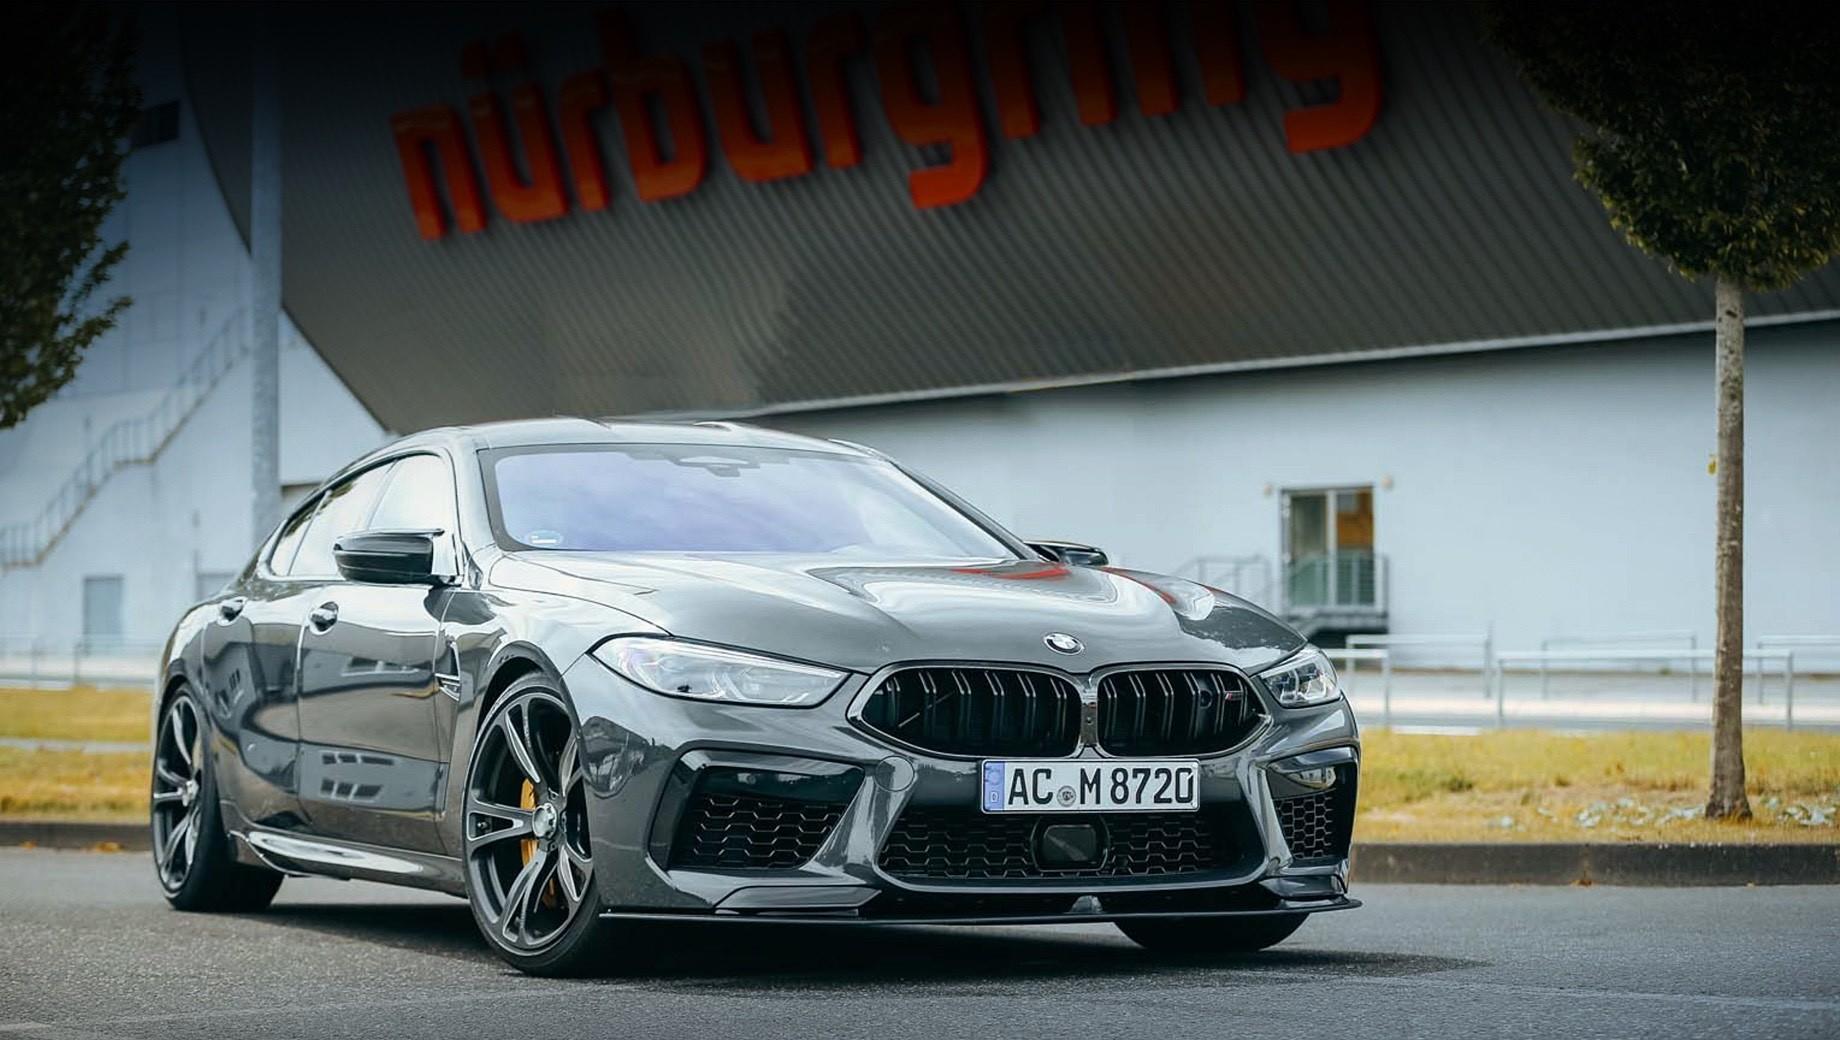 Ателье AC Schnitzer умеренно поработало над BMW M8 GC